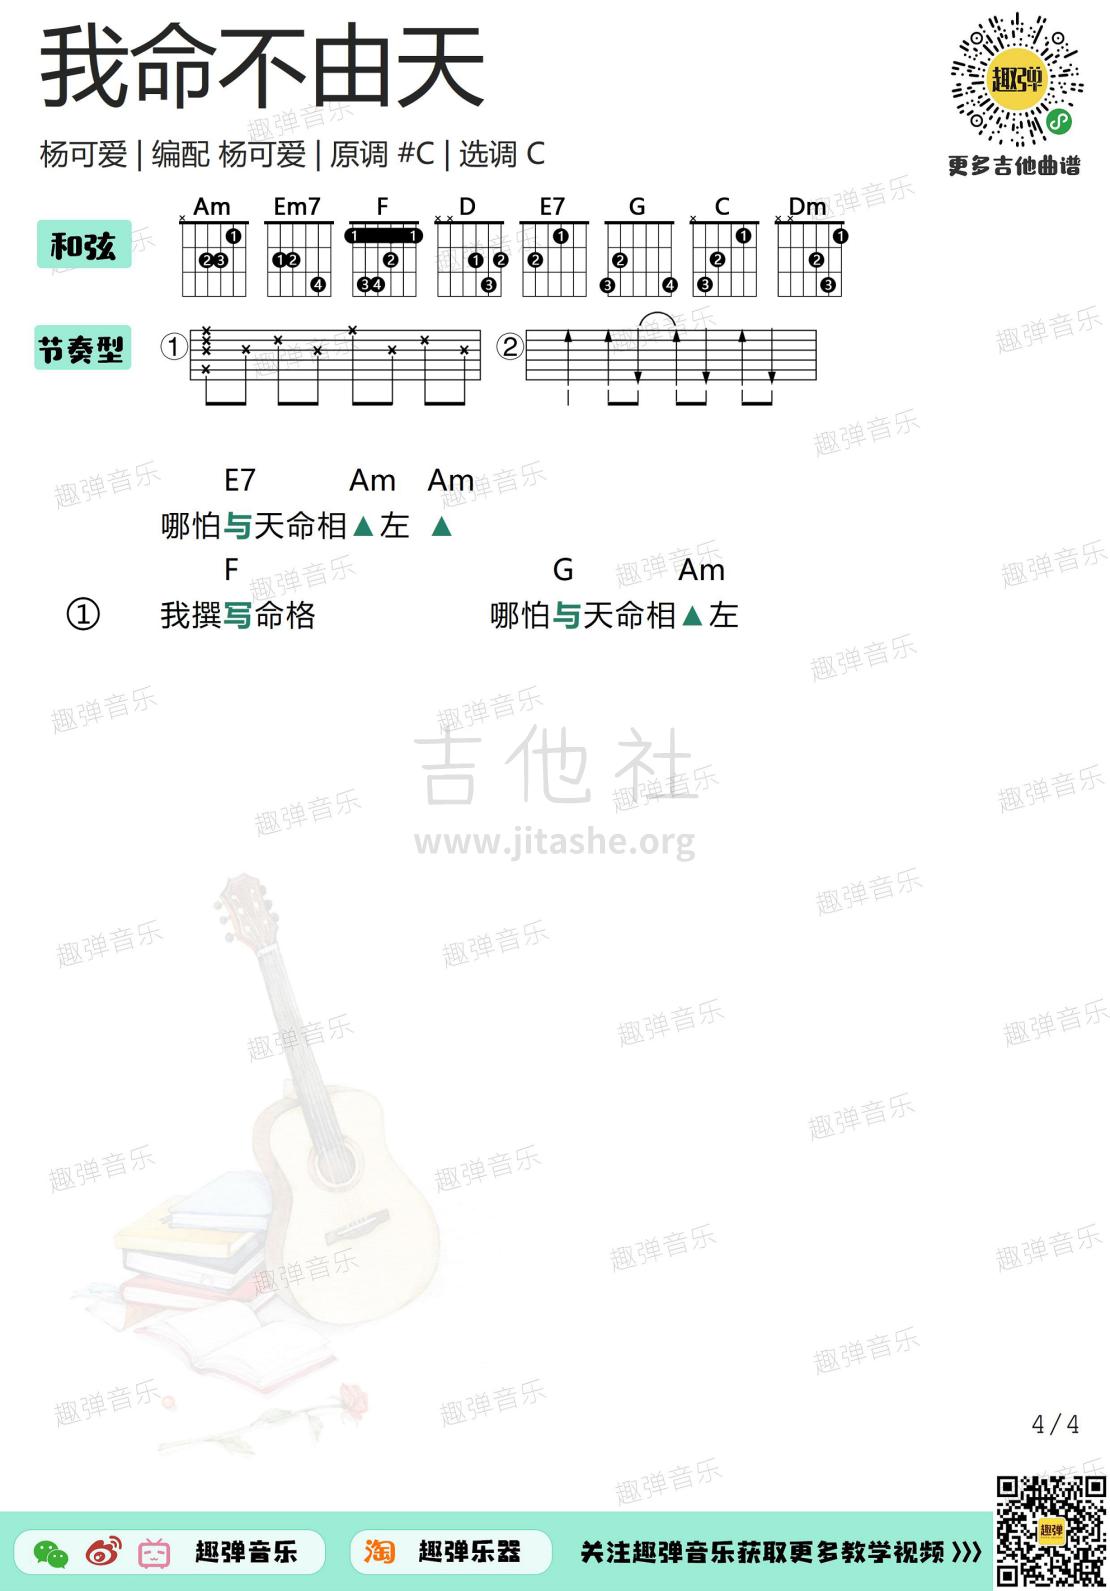 《哪吒之魔童降世》原创曲《我命不由天》(高清C调和弦谱)吉他谱(图片谱,吉他,弹唱)_群星(Various Artists)_我命不由天44.jpg